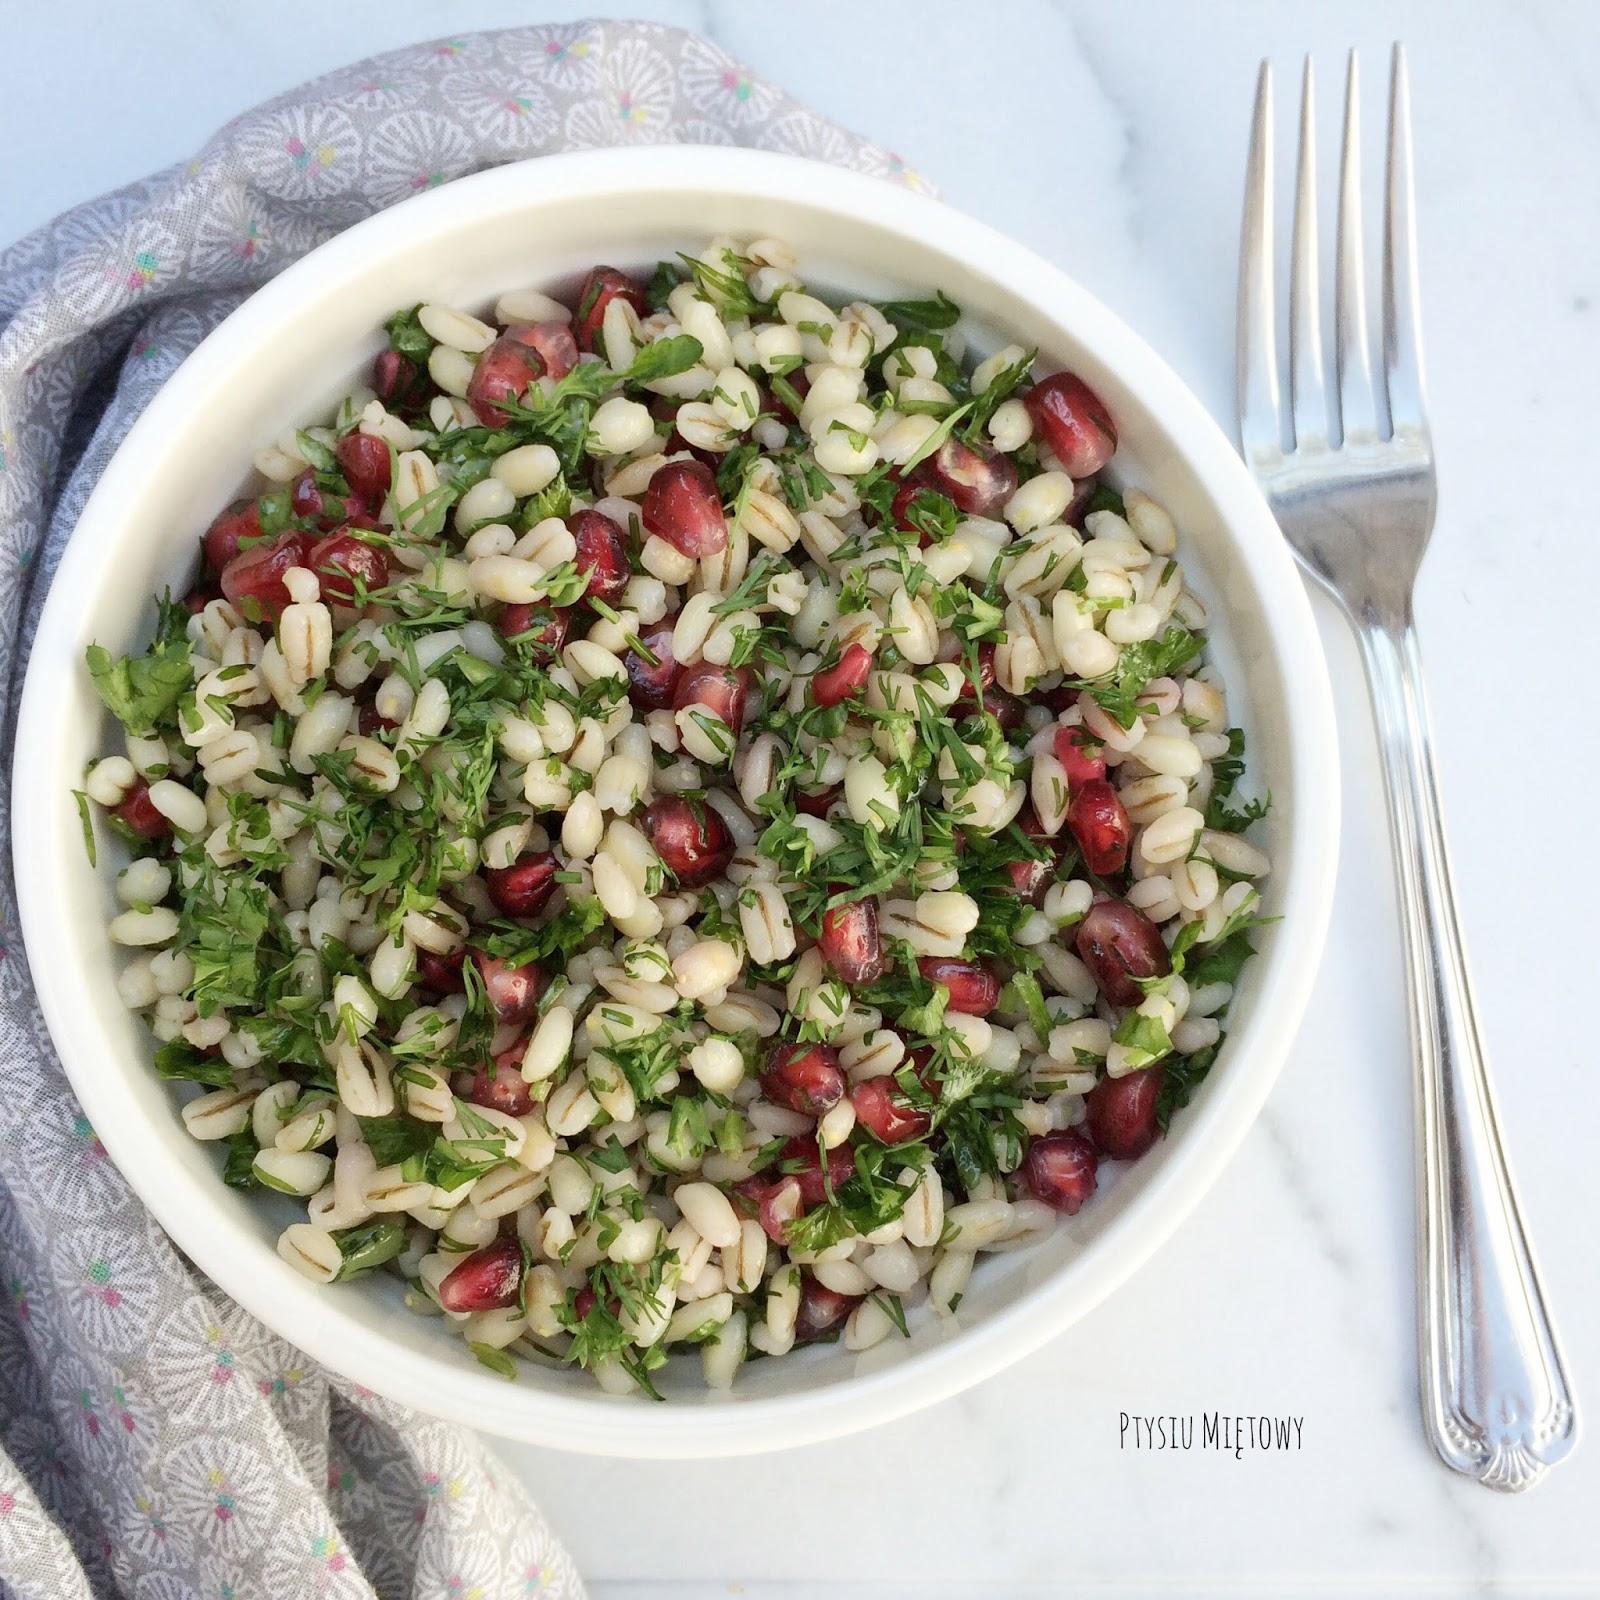 salatka, peczak, ptysiu mietowy